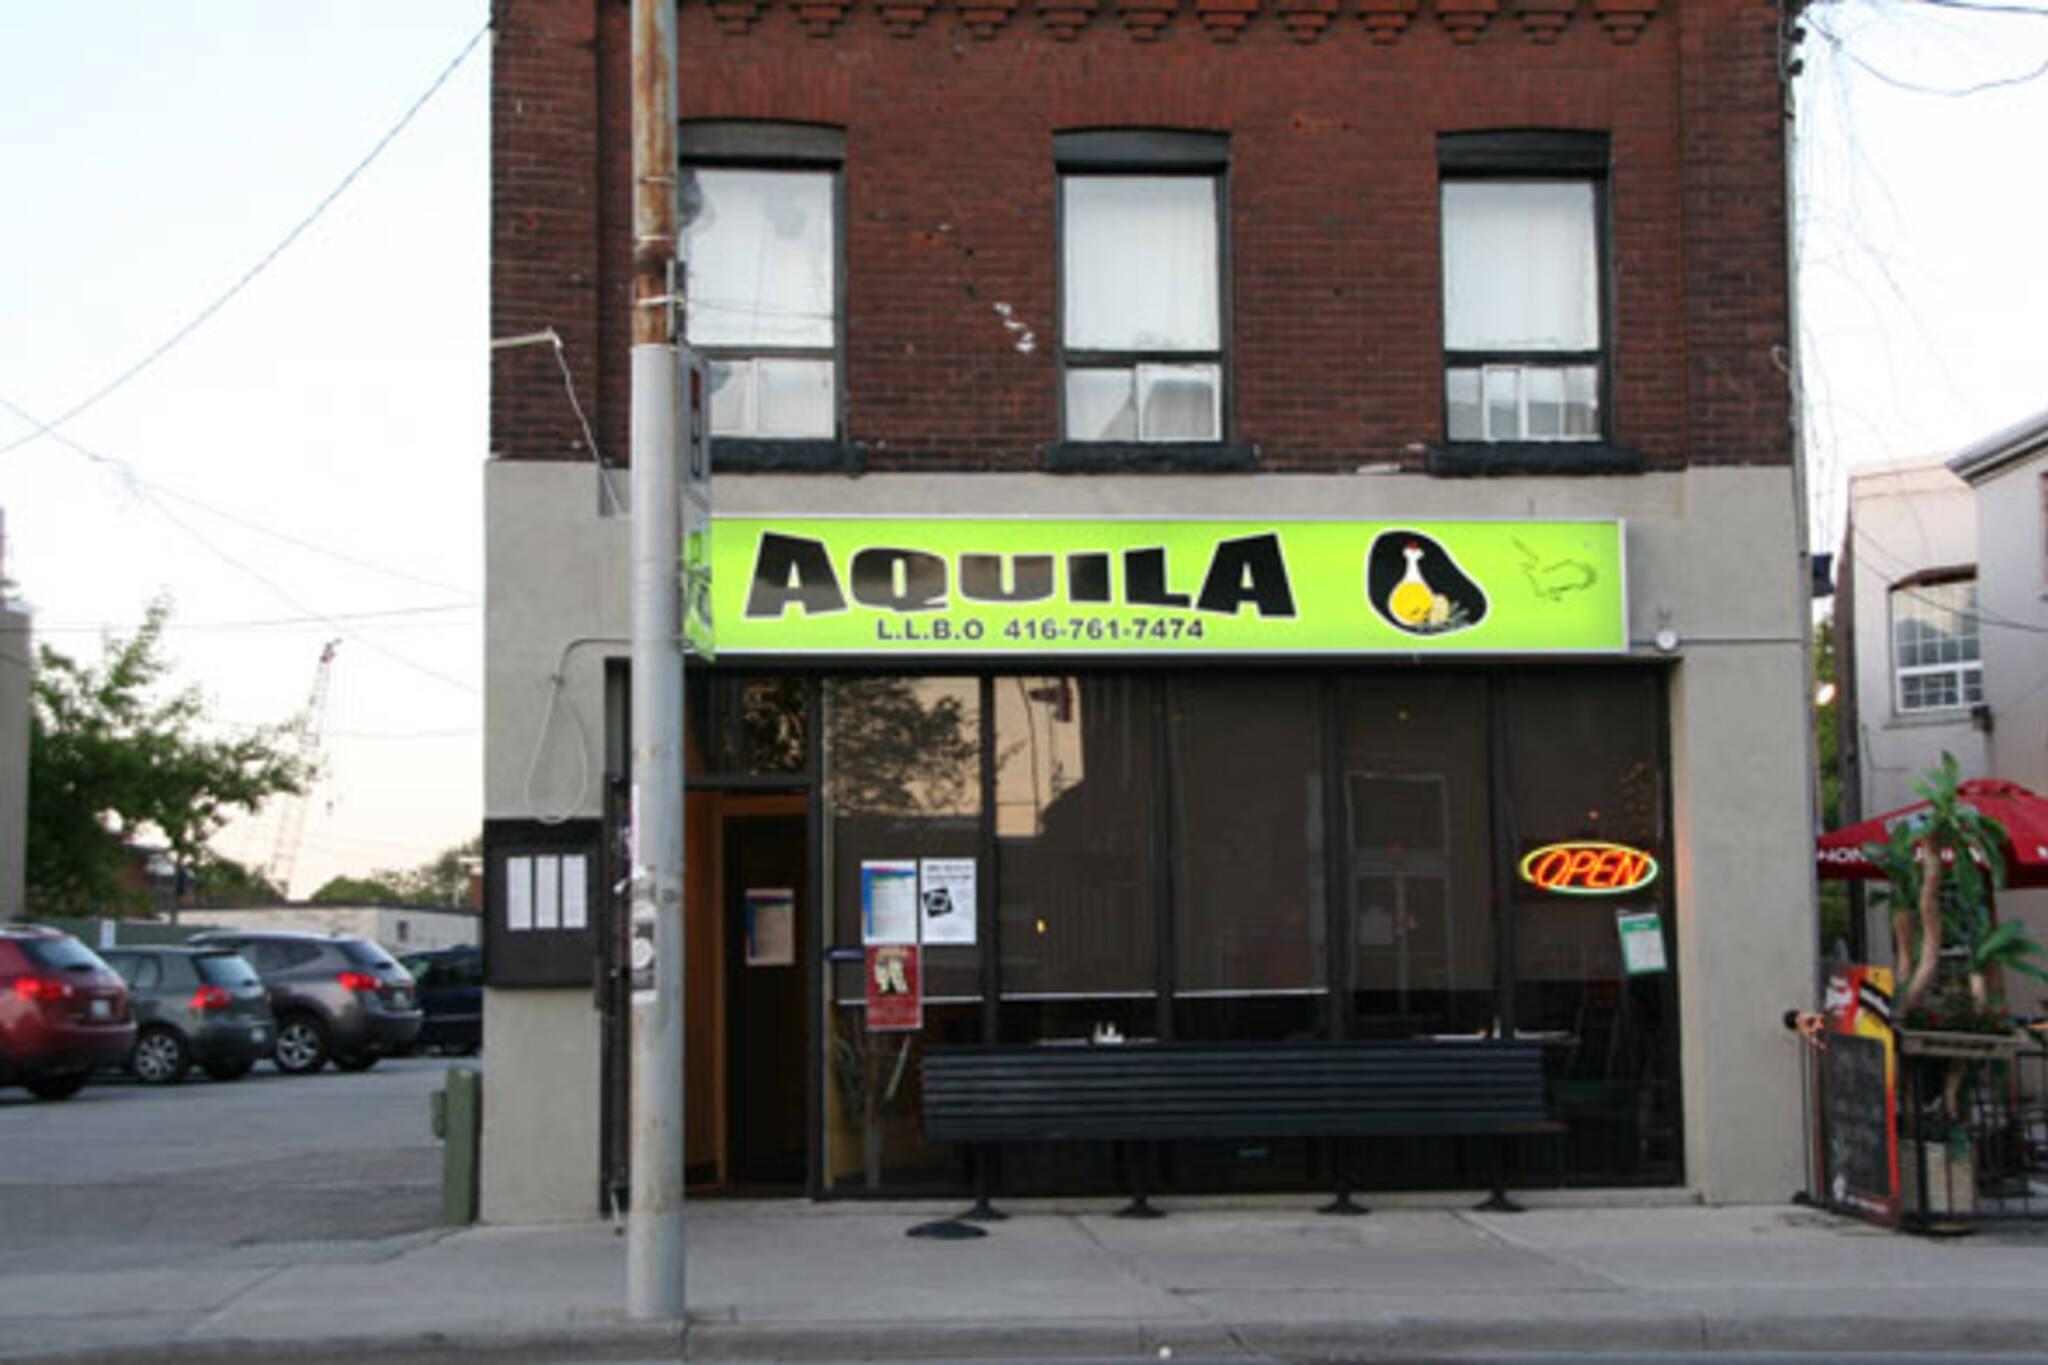 Aquila Toronto